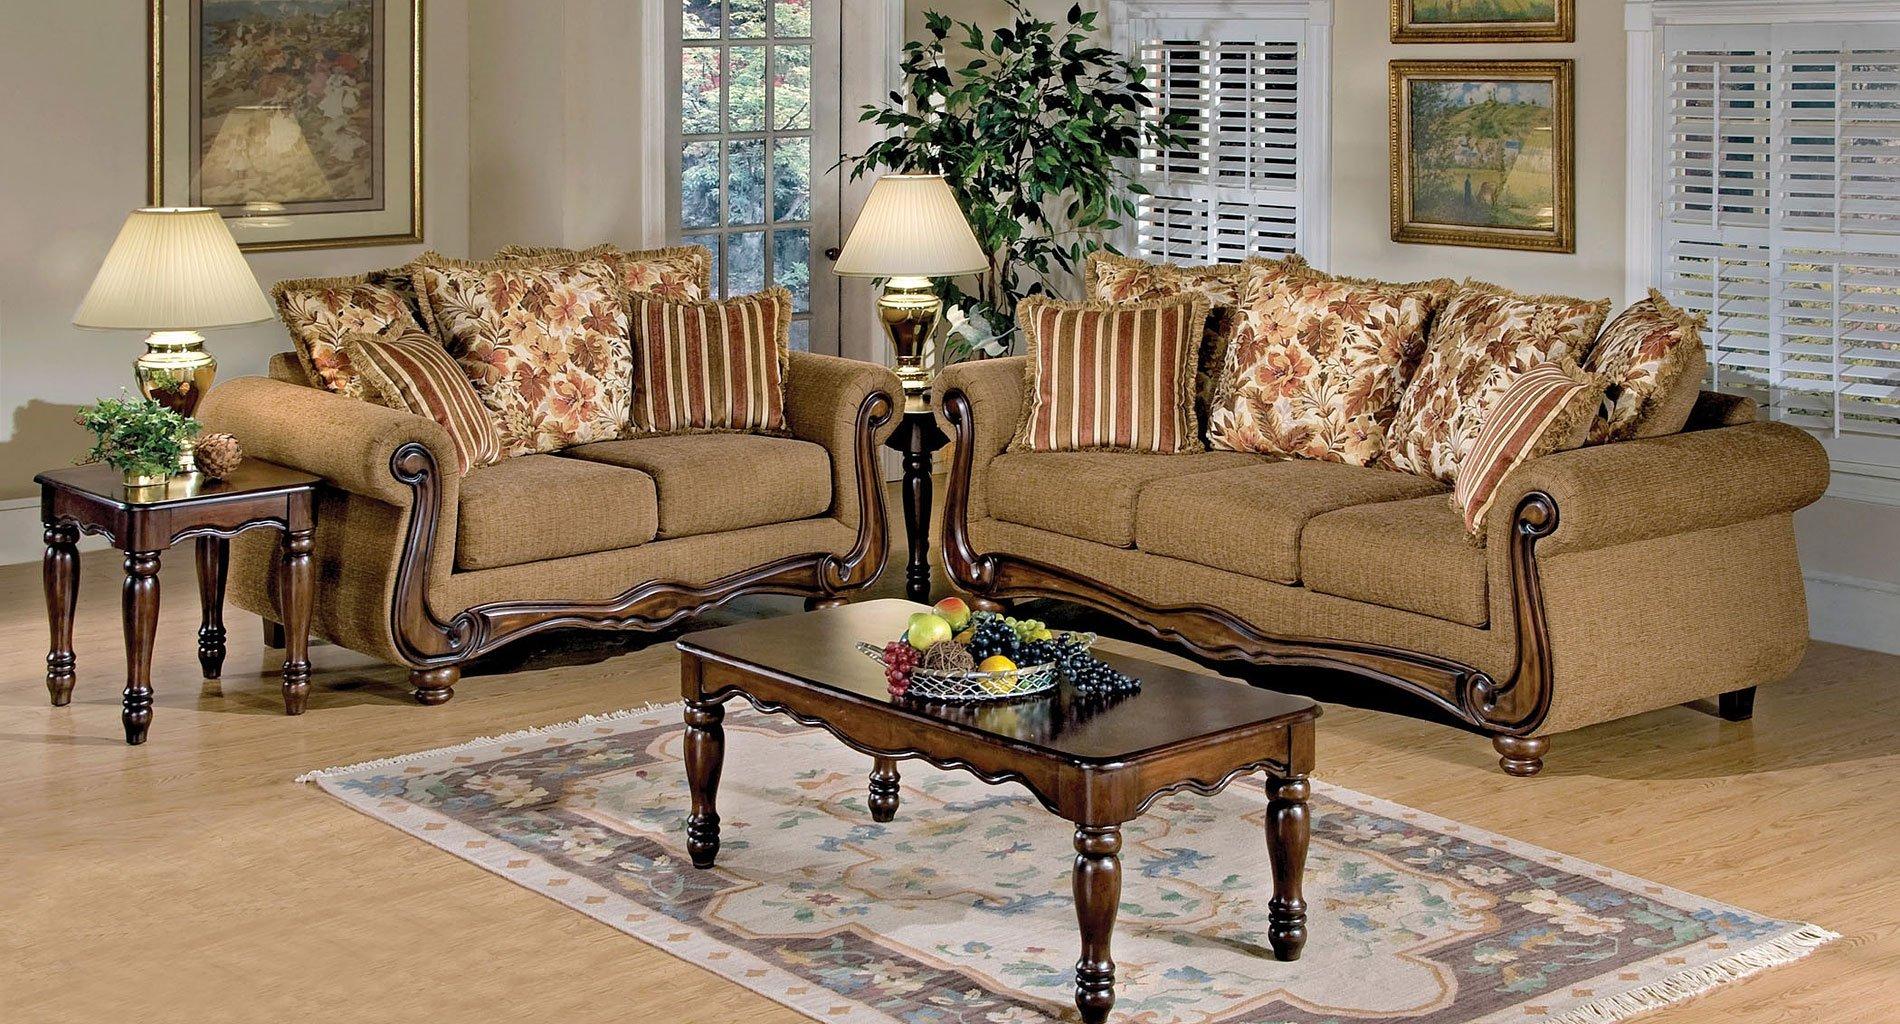 Olysseus Living Room Set Brown Floral Living Room Sets